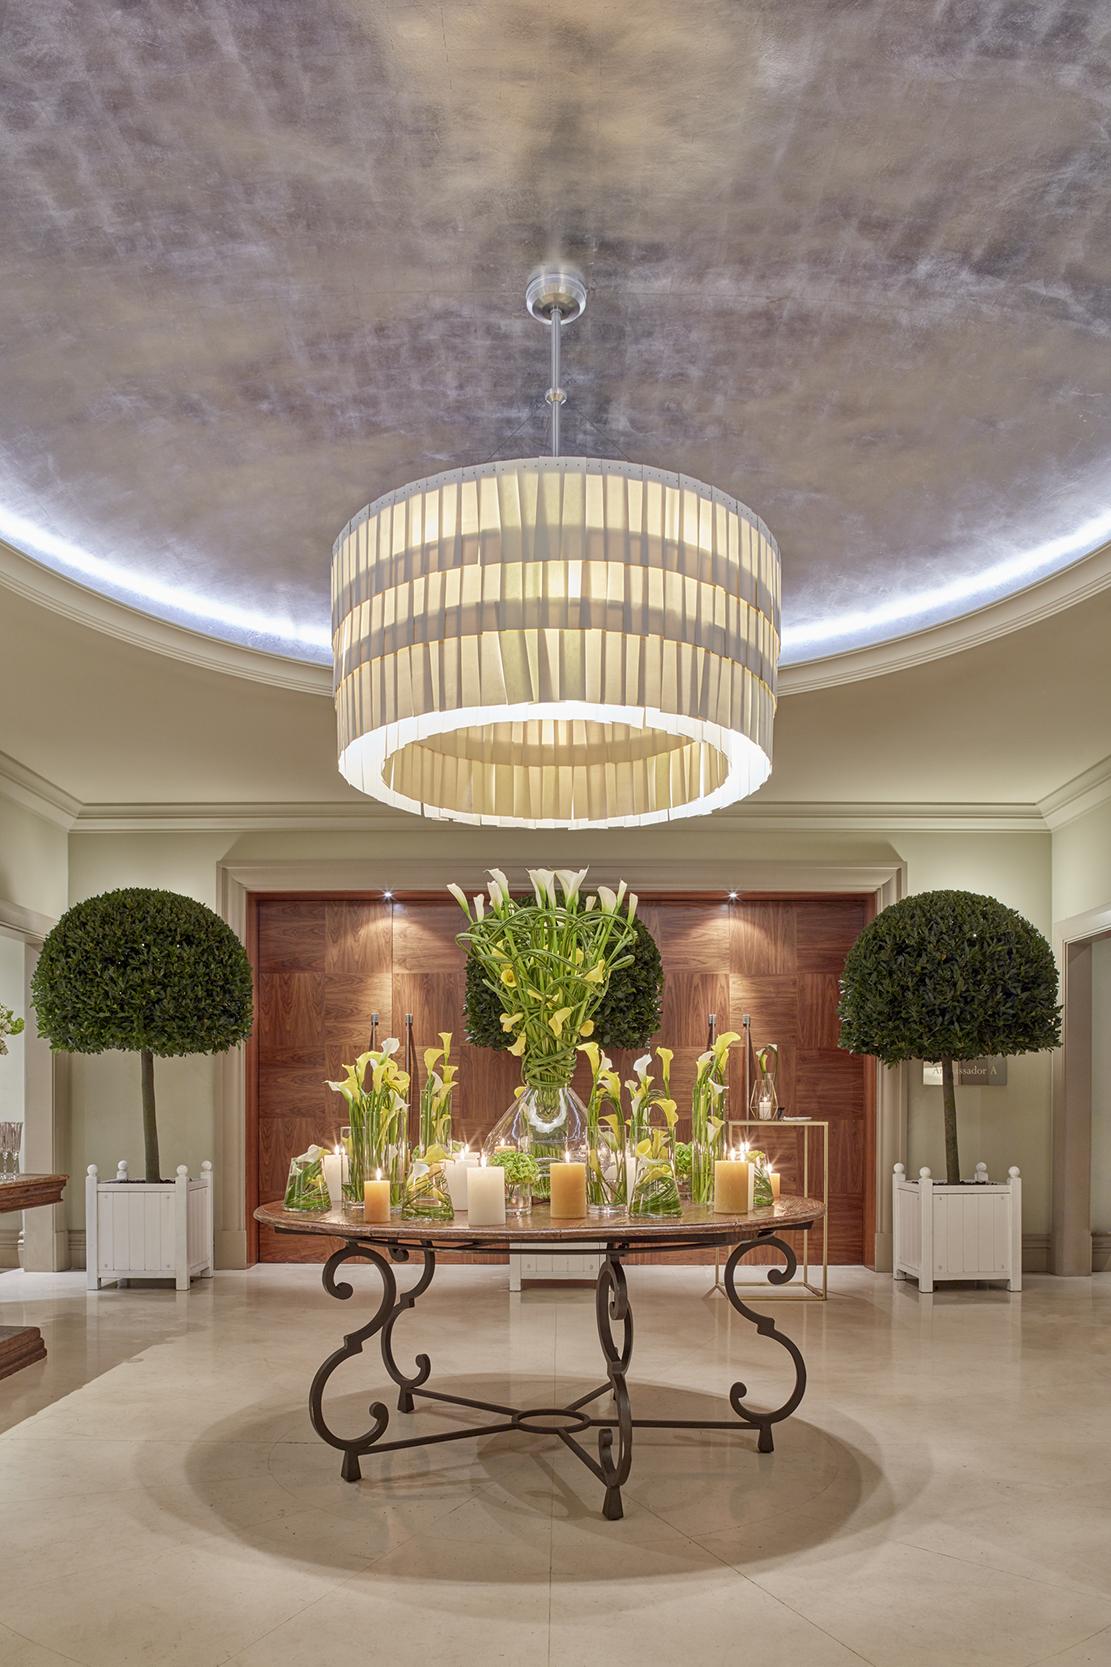 RFH Hotel Amigo - Ballroom Foyer J1113_RFA_916 TH Nov 19 LR